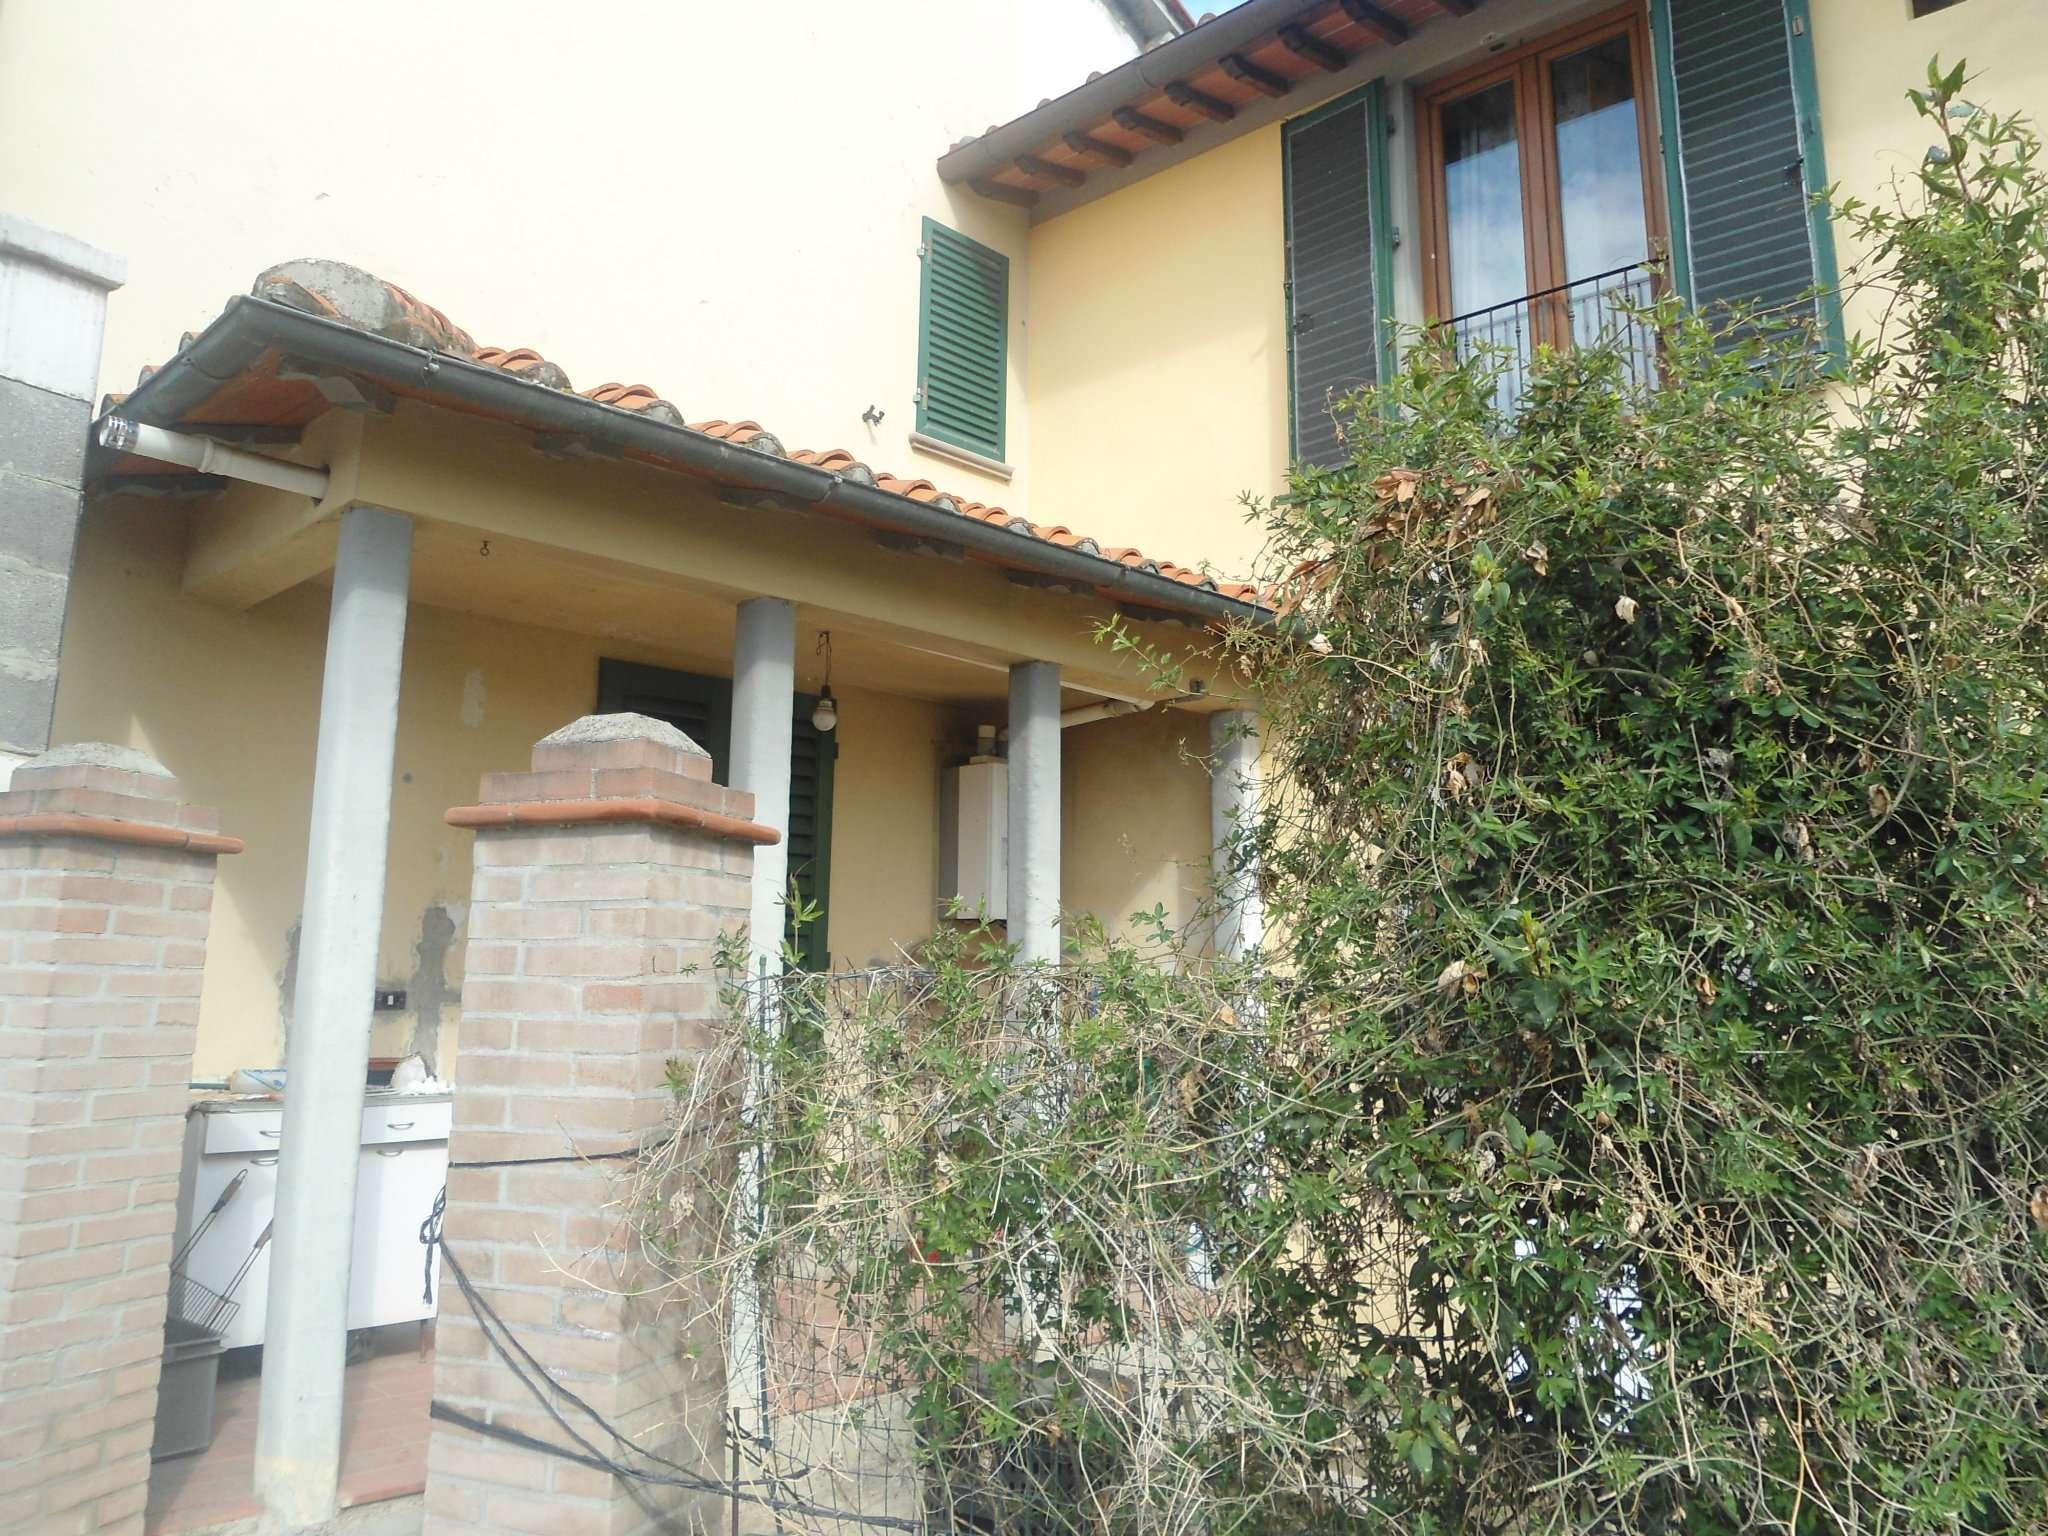 Palazzo / Stabile in vendita a Firenze, 6 locali, zona Zona: 5 . Ugnano, Oltregreve, Mantignano, prezzo € 370.000 | CambioCasa.it